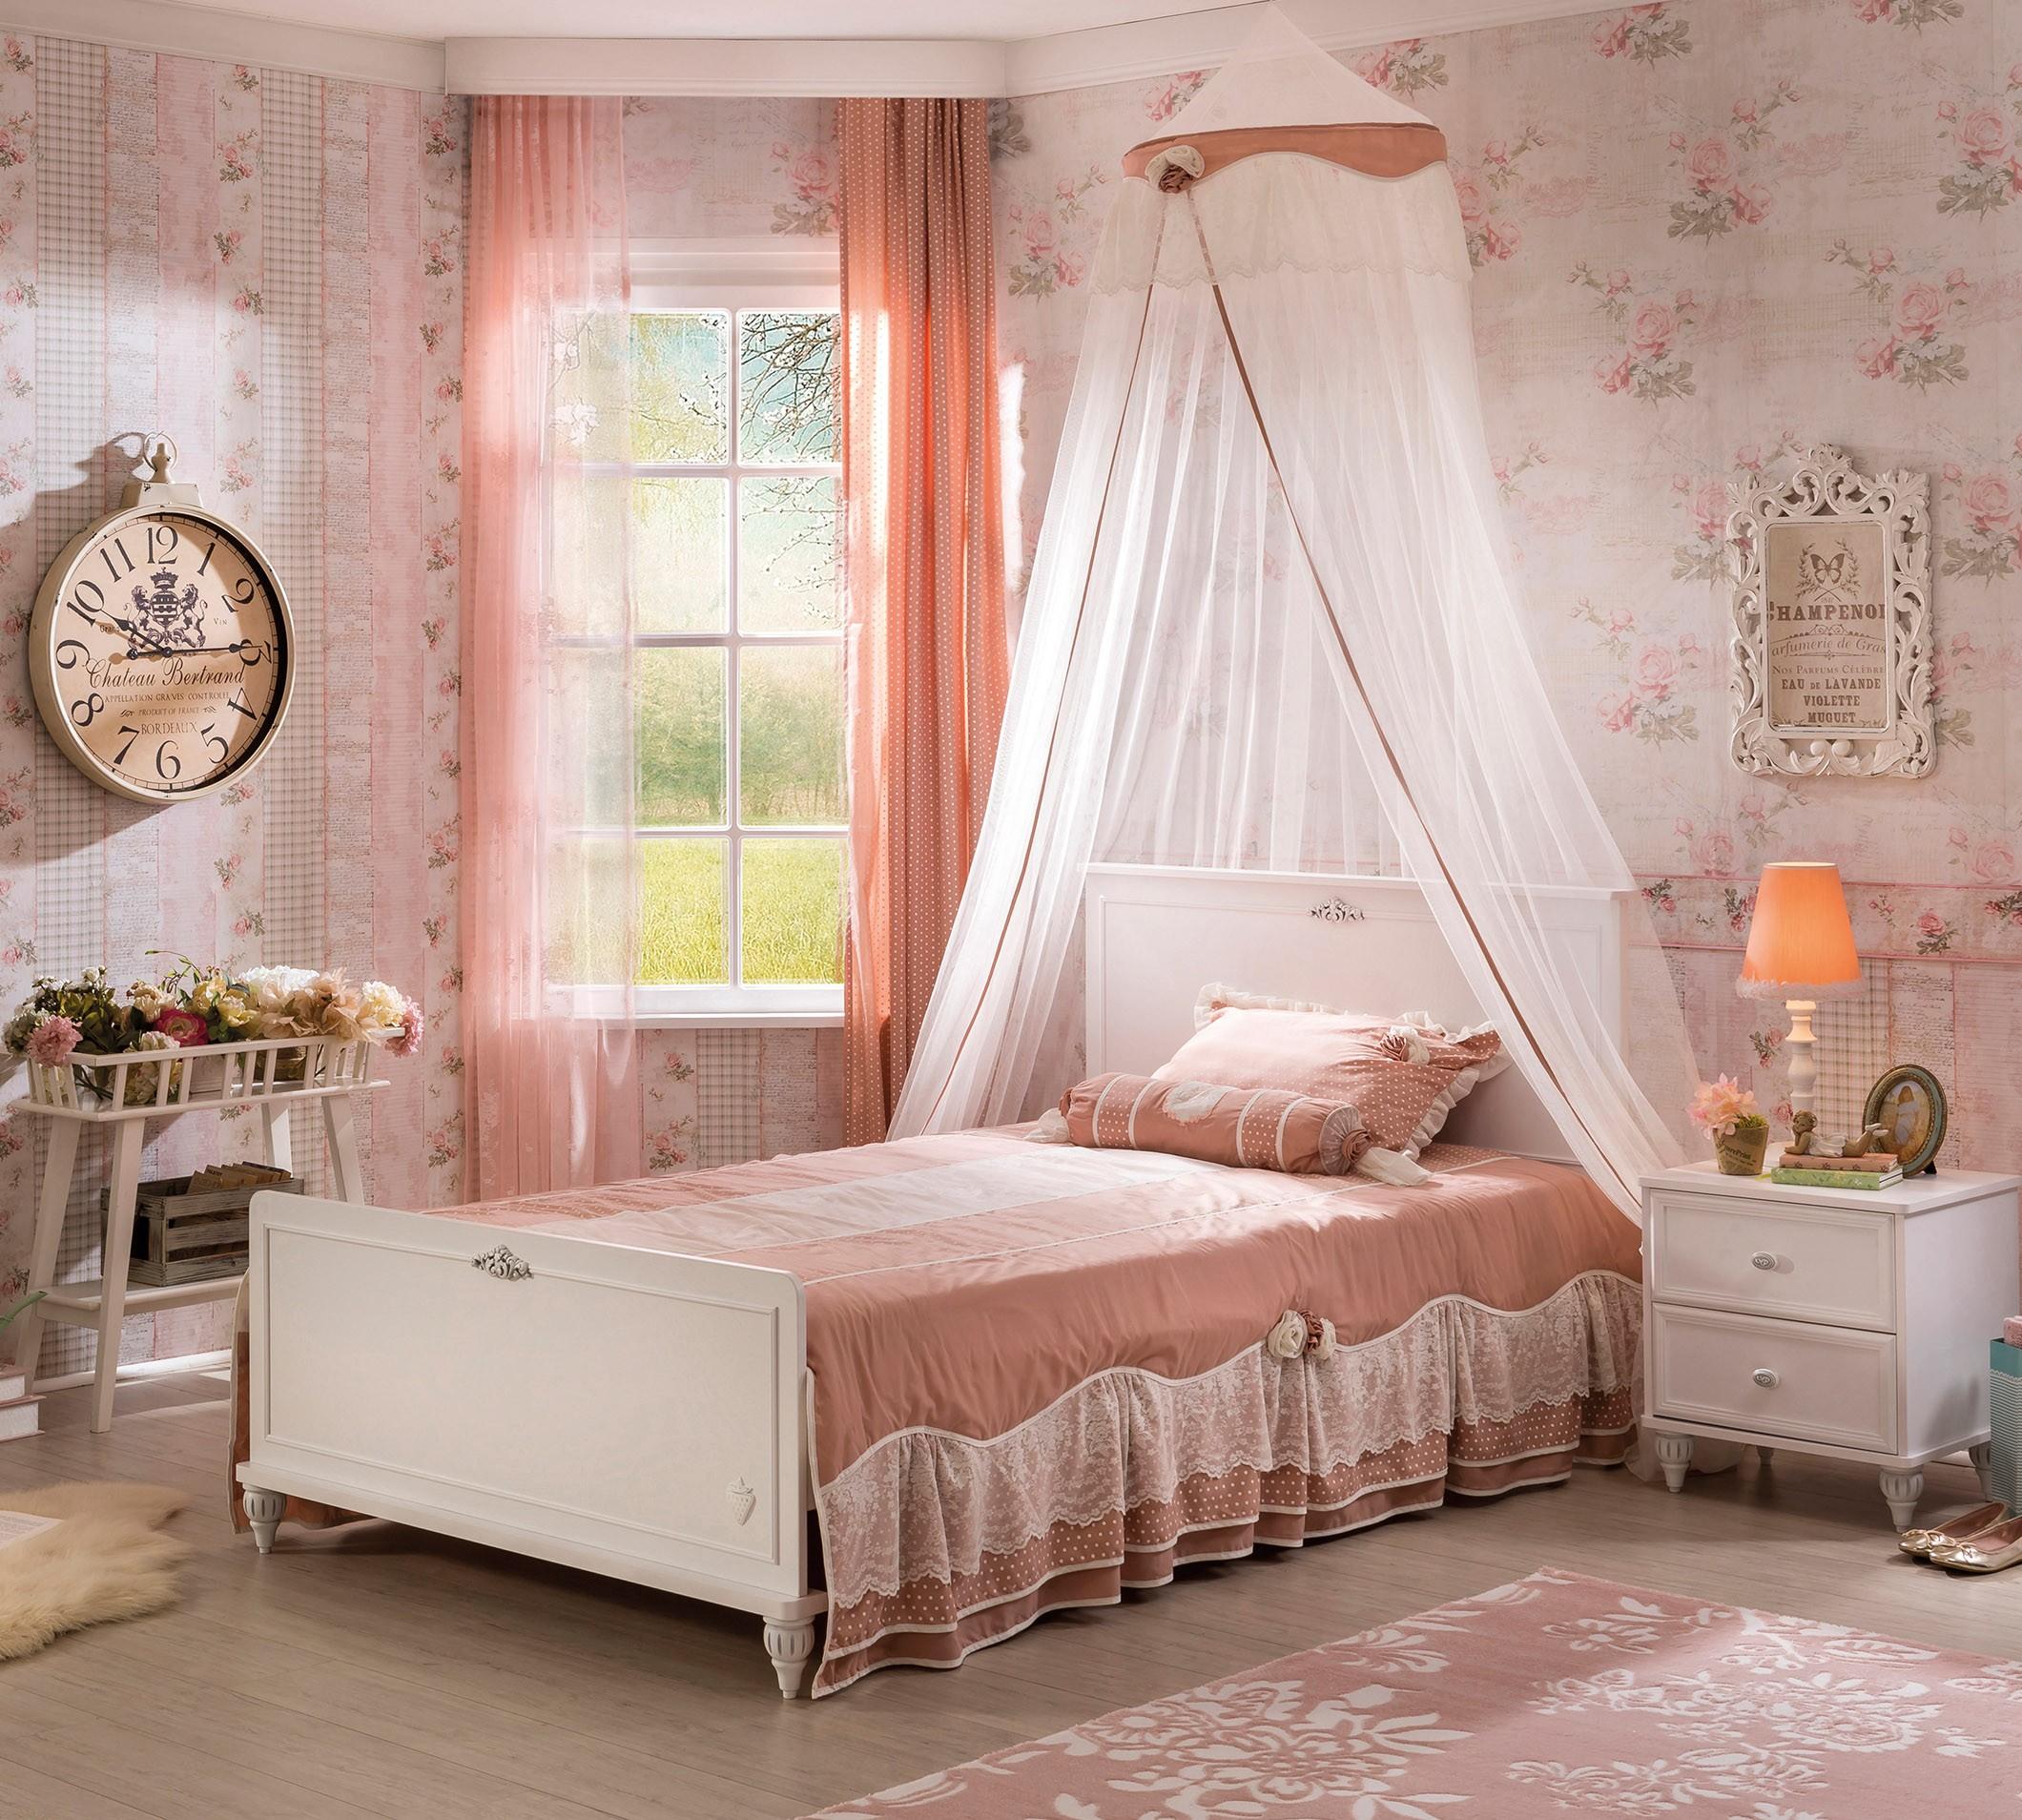 Full Size of Jugendzimmer Bett Cilek Romantica Xl 120200 Cm Mbel 1 40x2 00 Bettwäsche Sprüche 140x200 Mit Matratze Und Lattenrost Musterring Betten Stauraum 120 Bett Jugendzimmer Bett